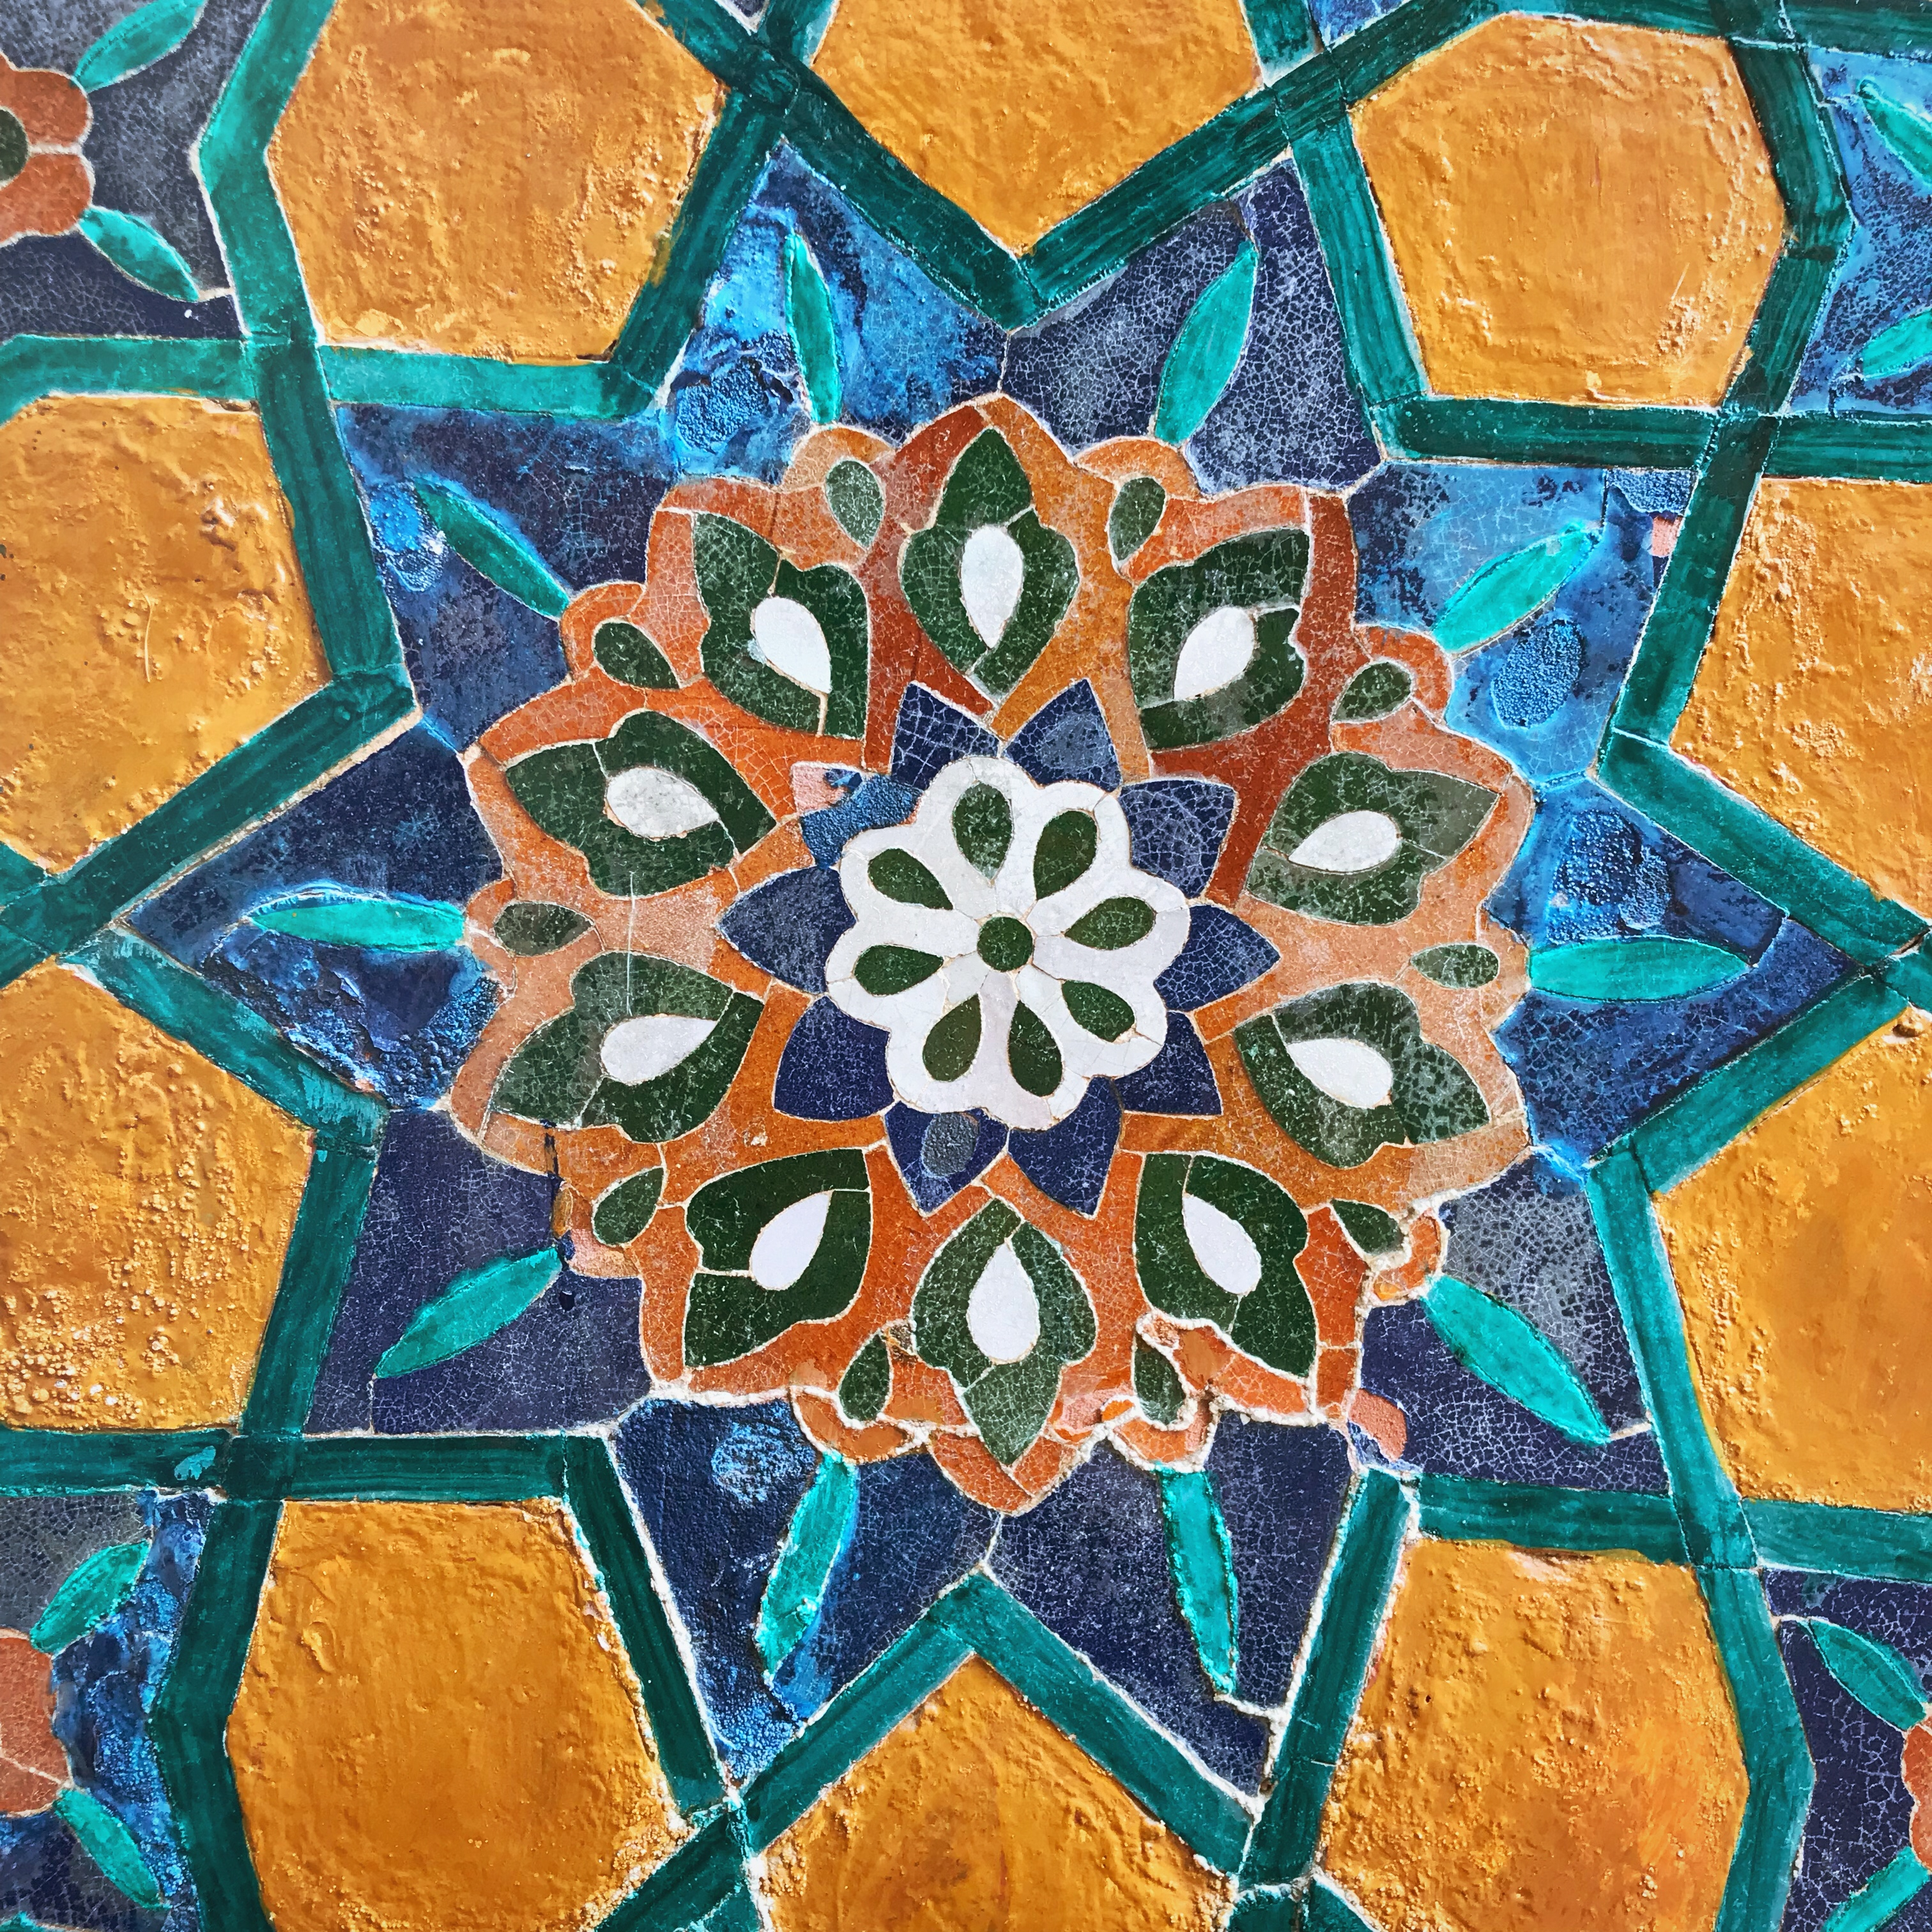 Usbekistan kscheib Kachel 14